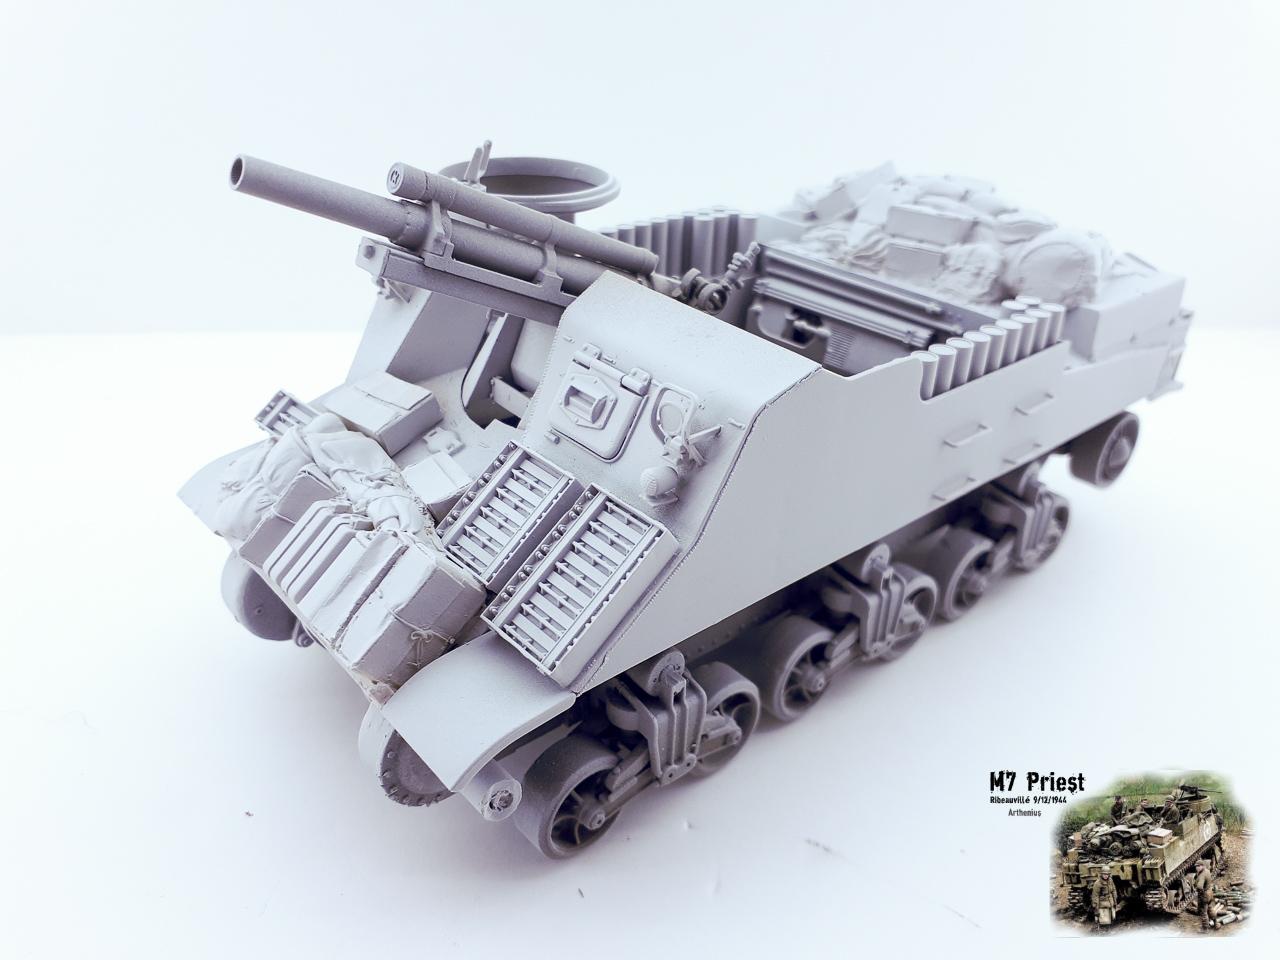 M7 Priest Ribeauvillé 9/12/1944 2018-045